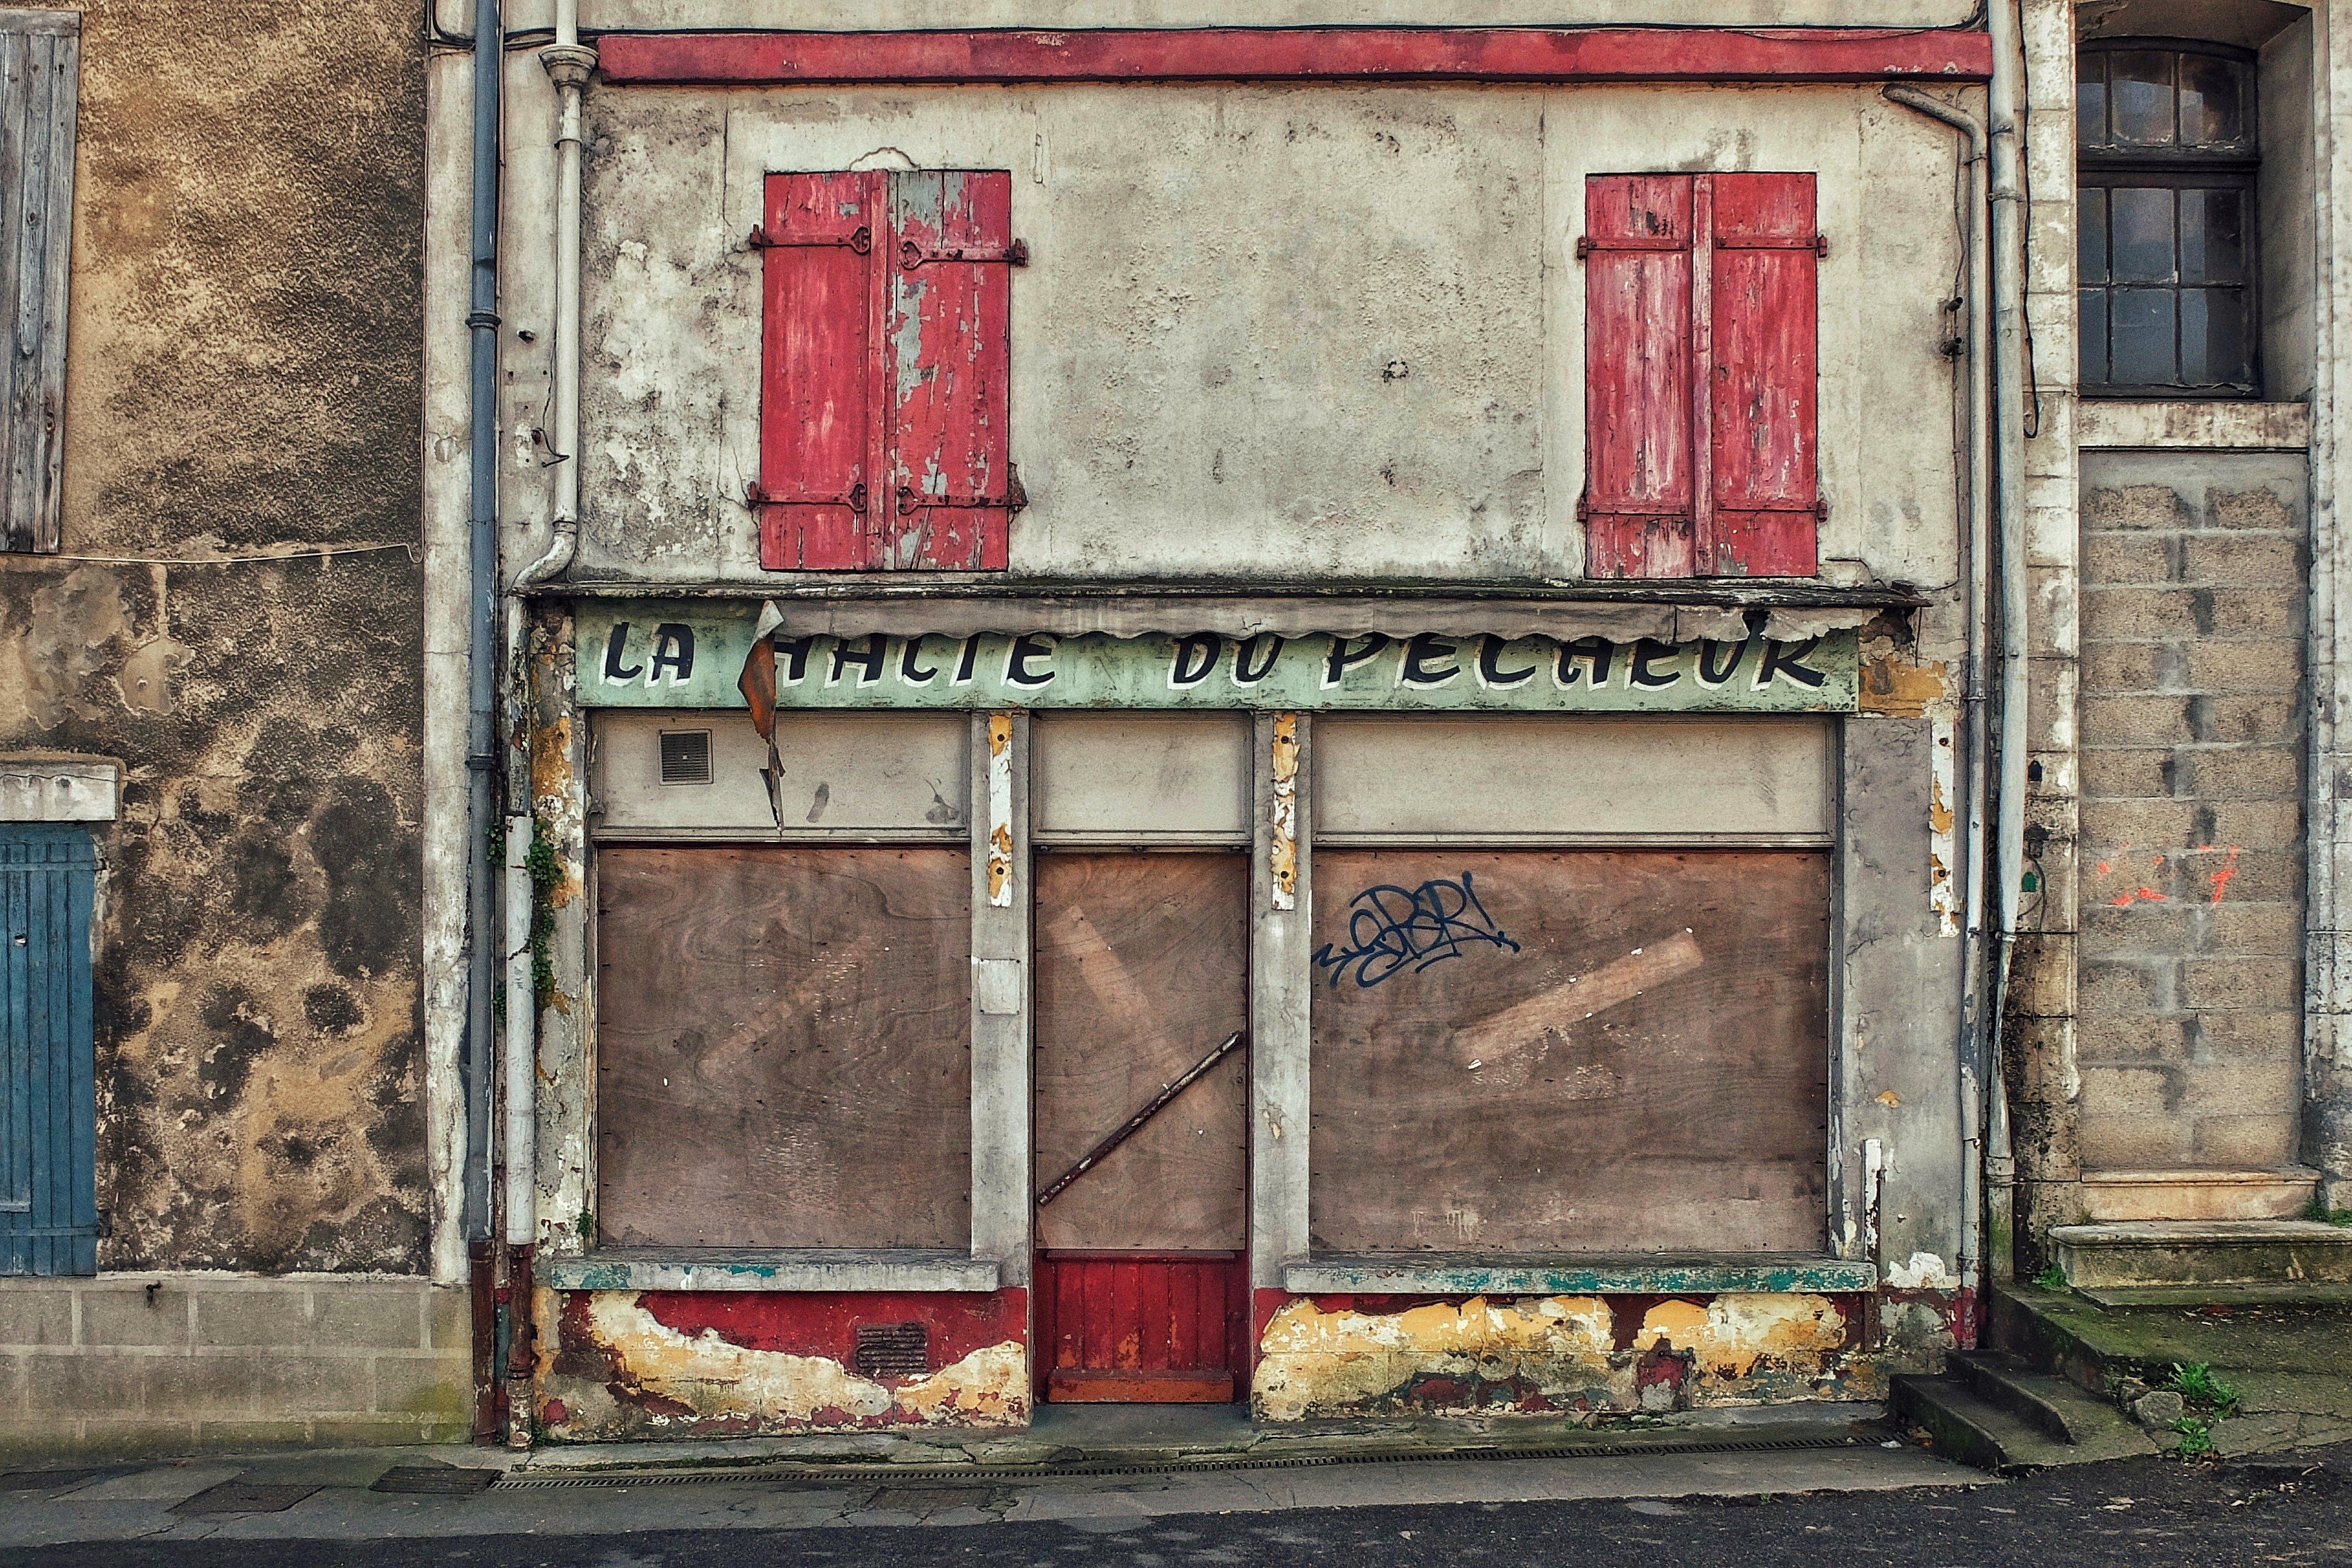 Couleur Façade Maison Ancienne fond d'écran : la peinture, vieux, fenêtre, rue, rouge